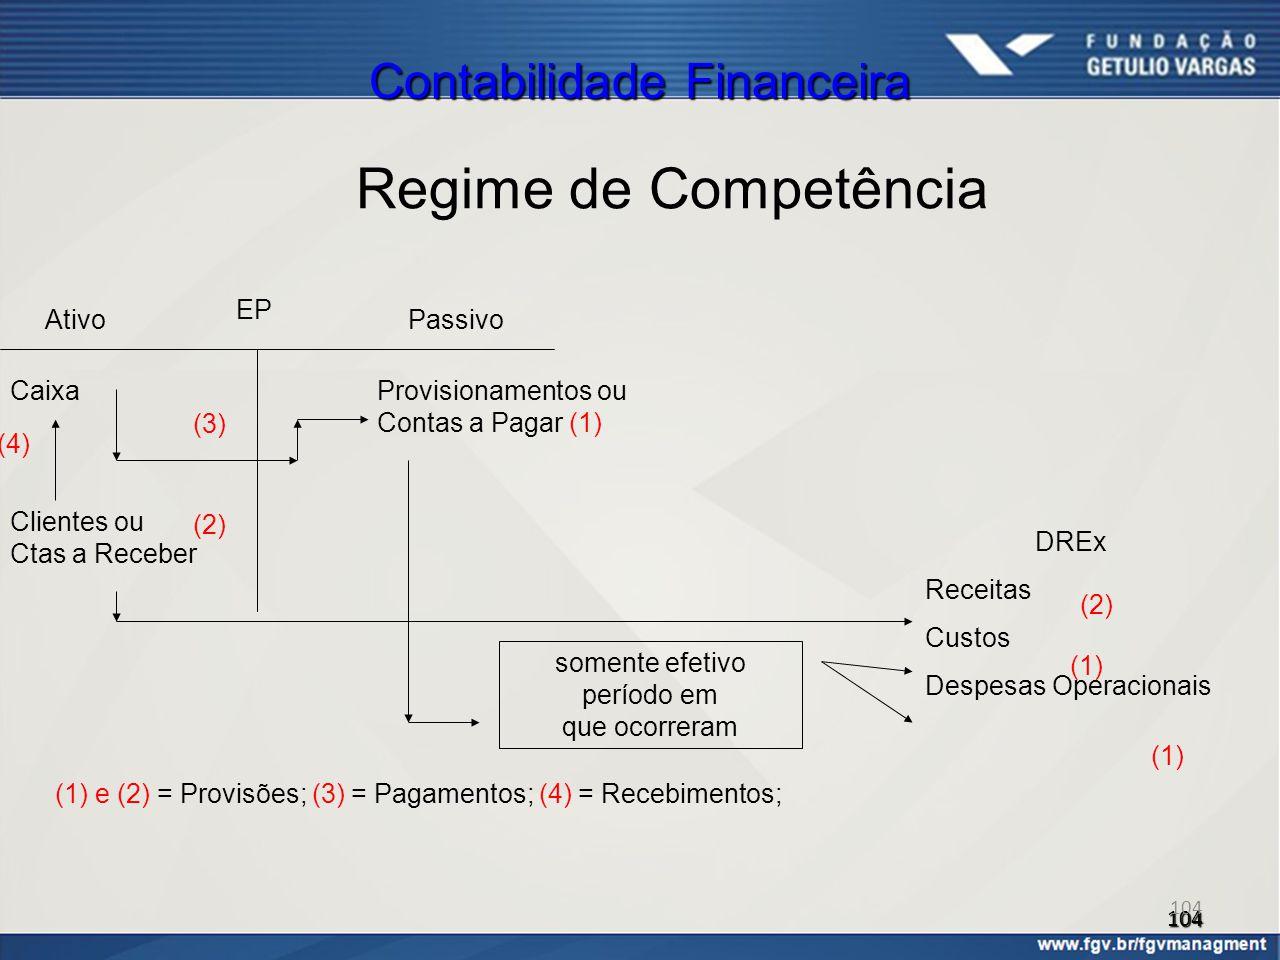 104 Contabilidade Financeira Regime de Competência EP DREx Receitas Custos Despesas Operacionais AtivoPassivo Provisionamentos ou Contas a Pagar (1) s